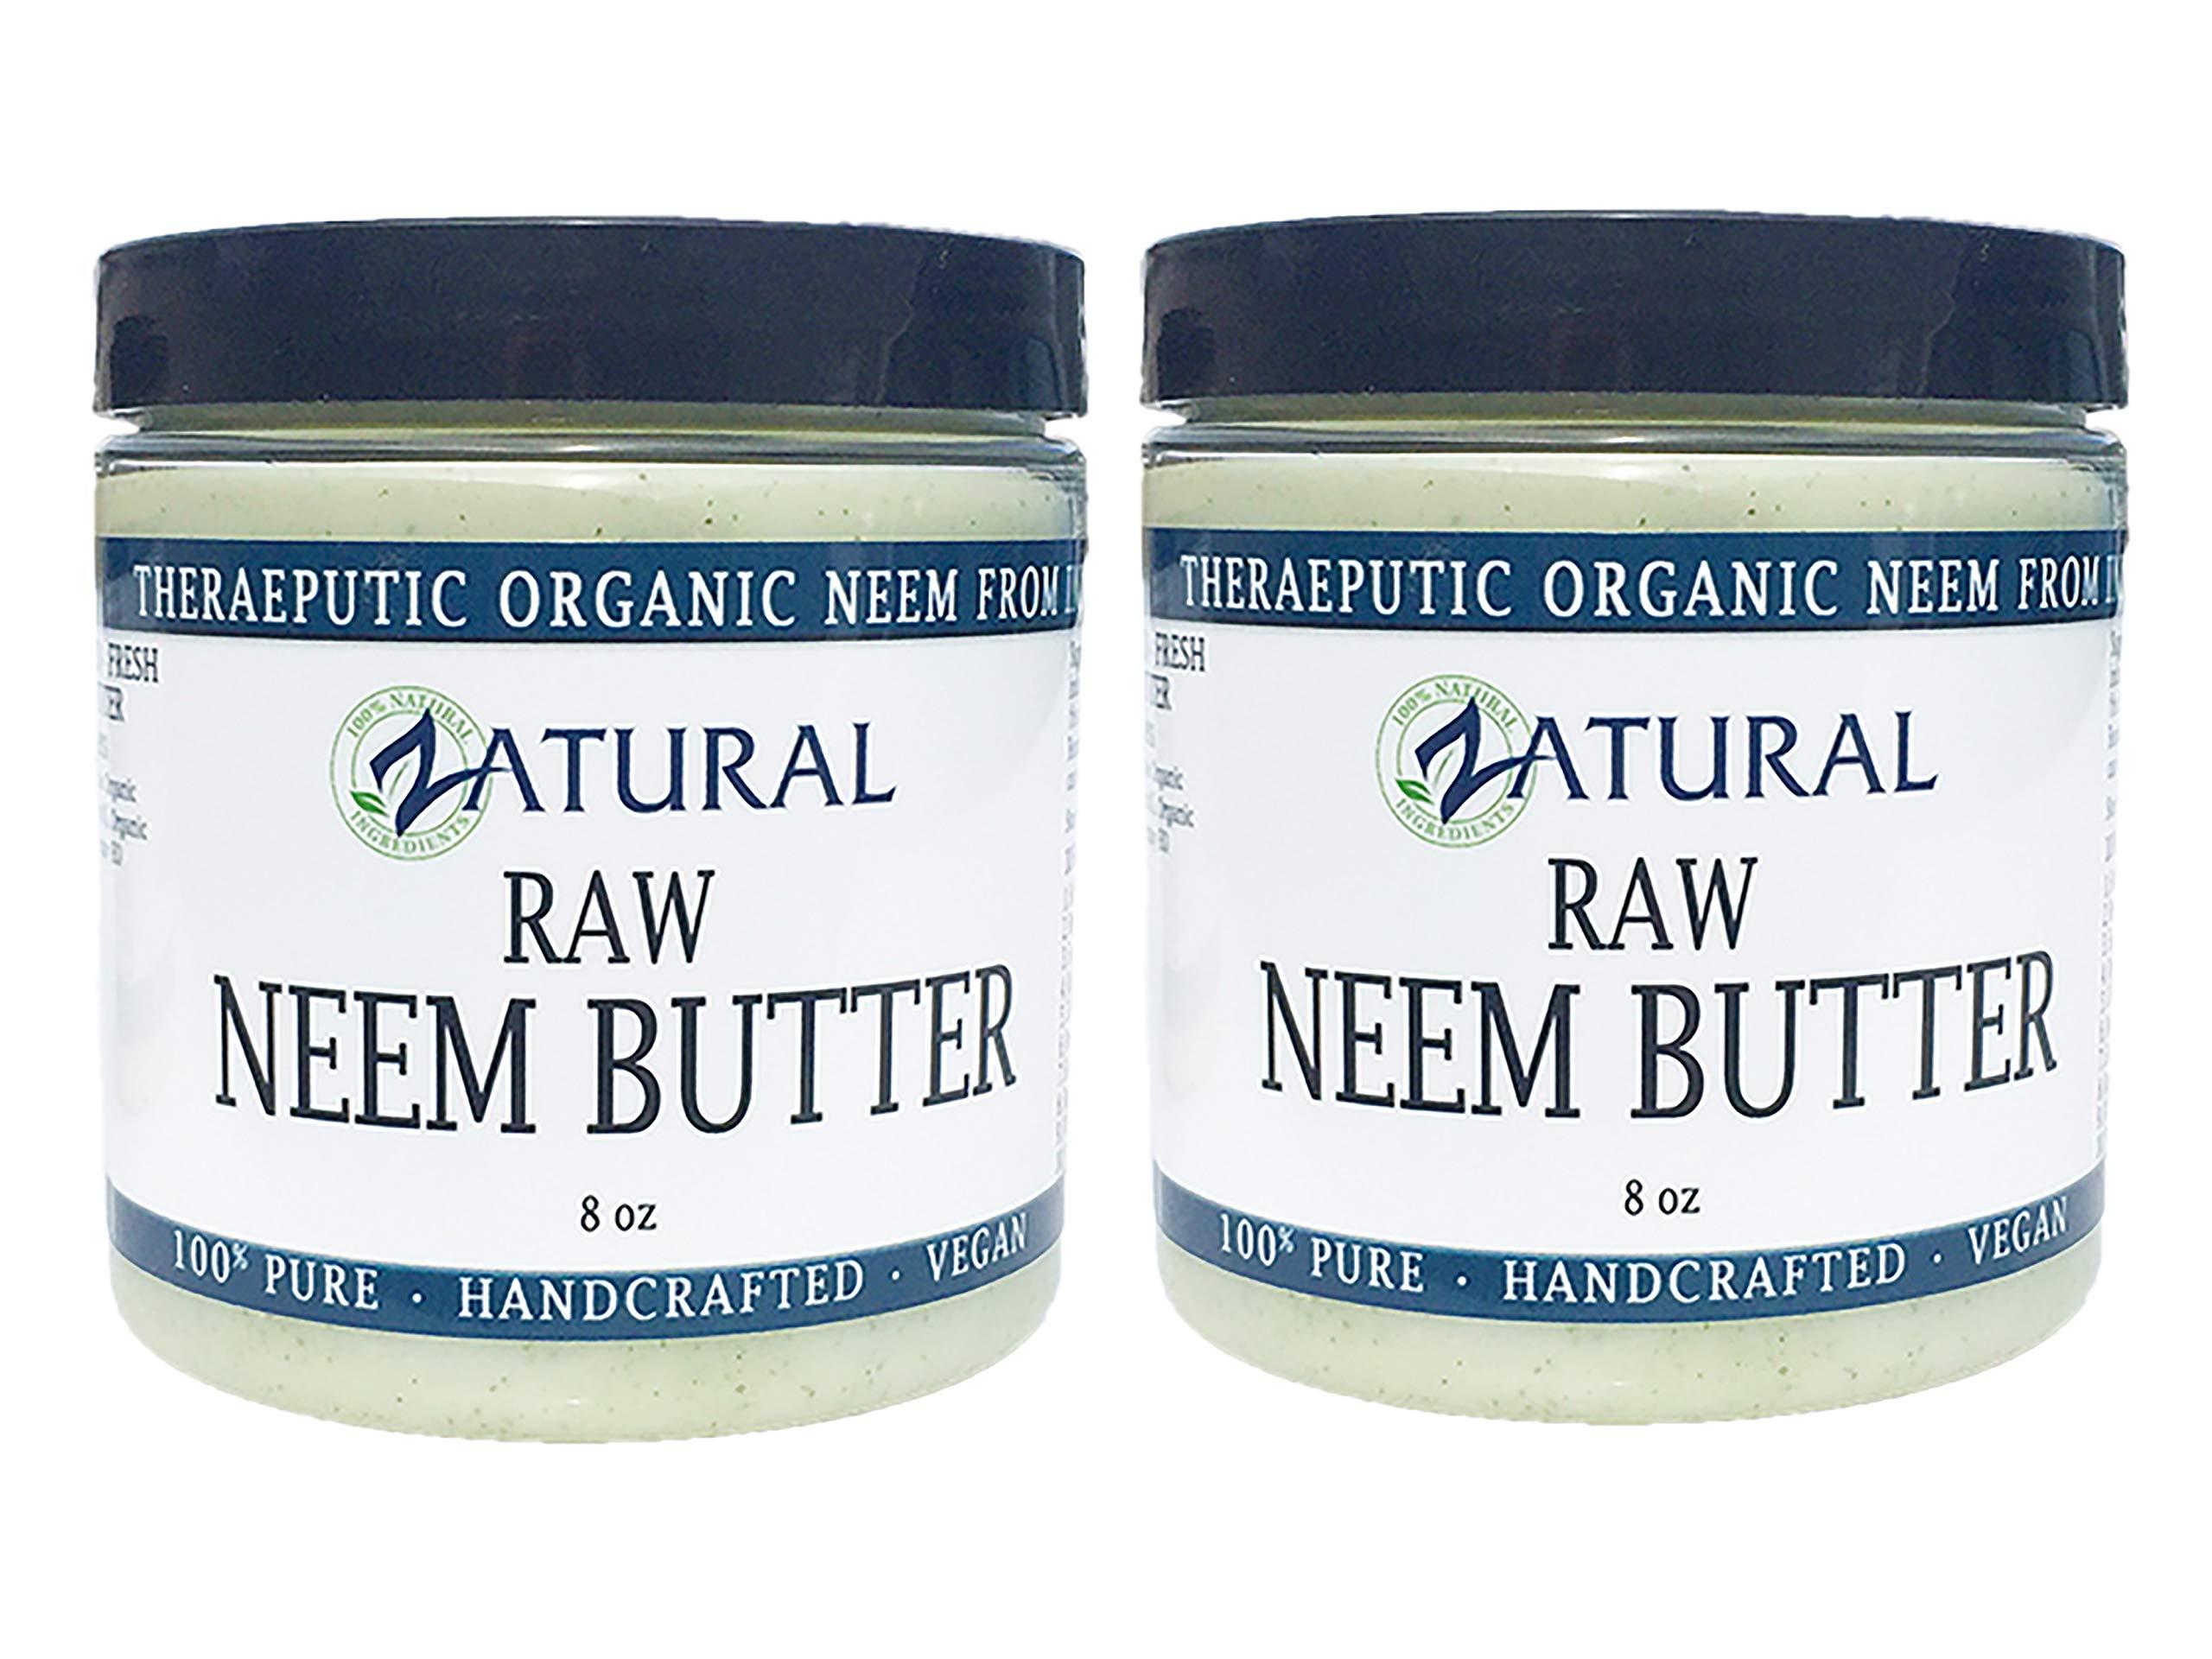 Organic Neem Butter-Coconut Oil, Neem Oil, Neem Leaf, Marula Oil, Kokum Butter, Rosemary (2 Pack)